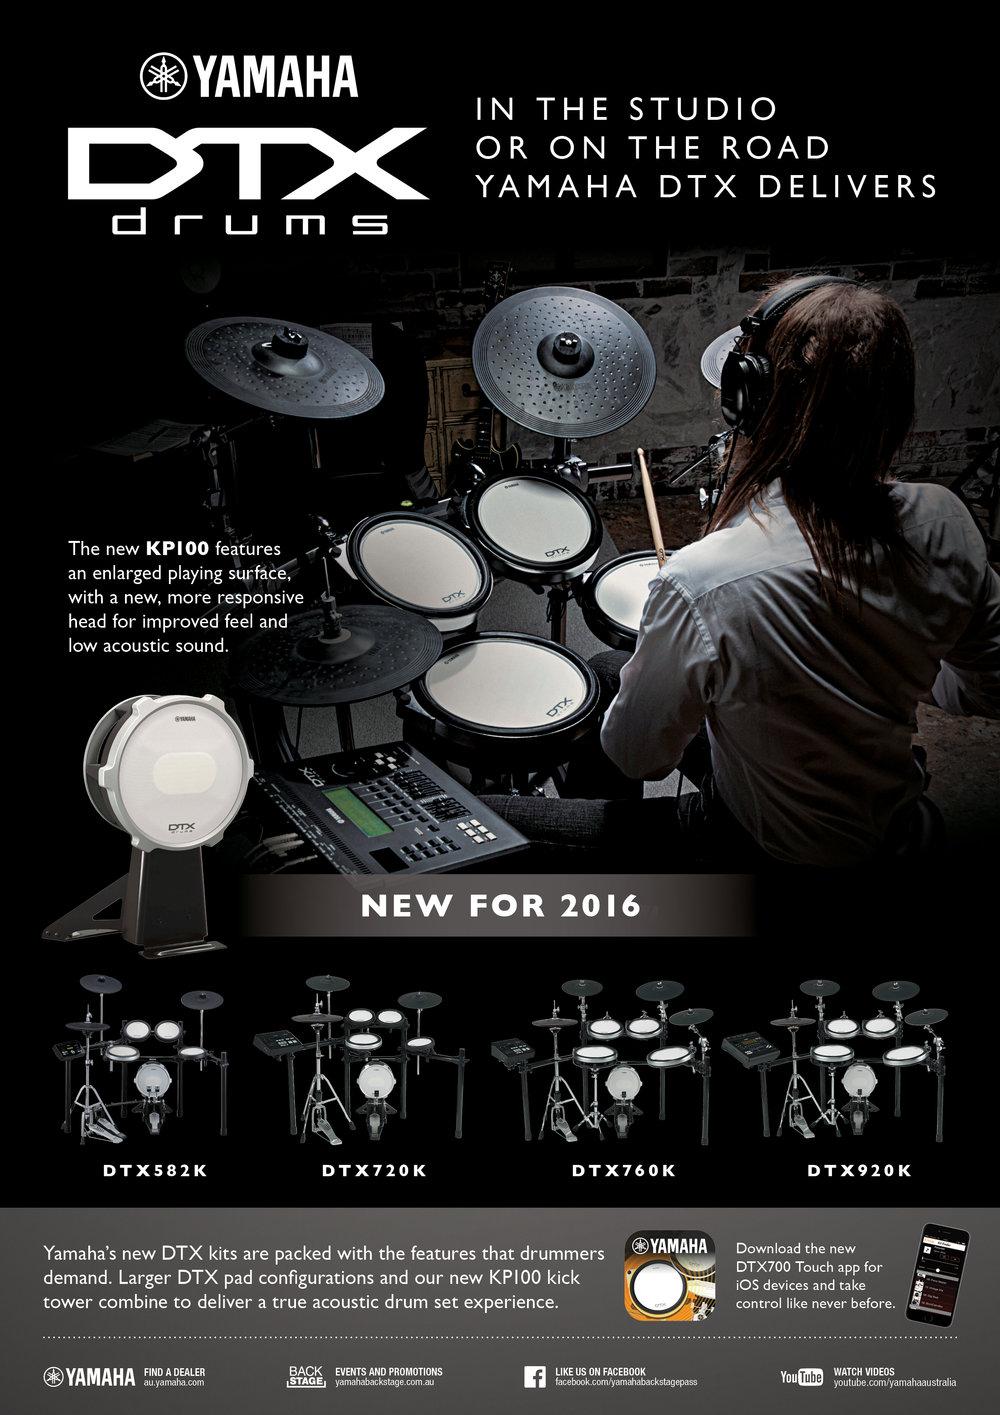 dtx_drums.jpg